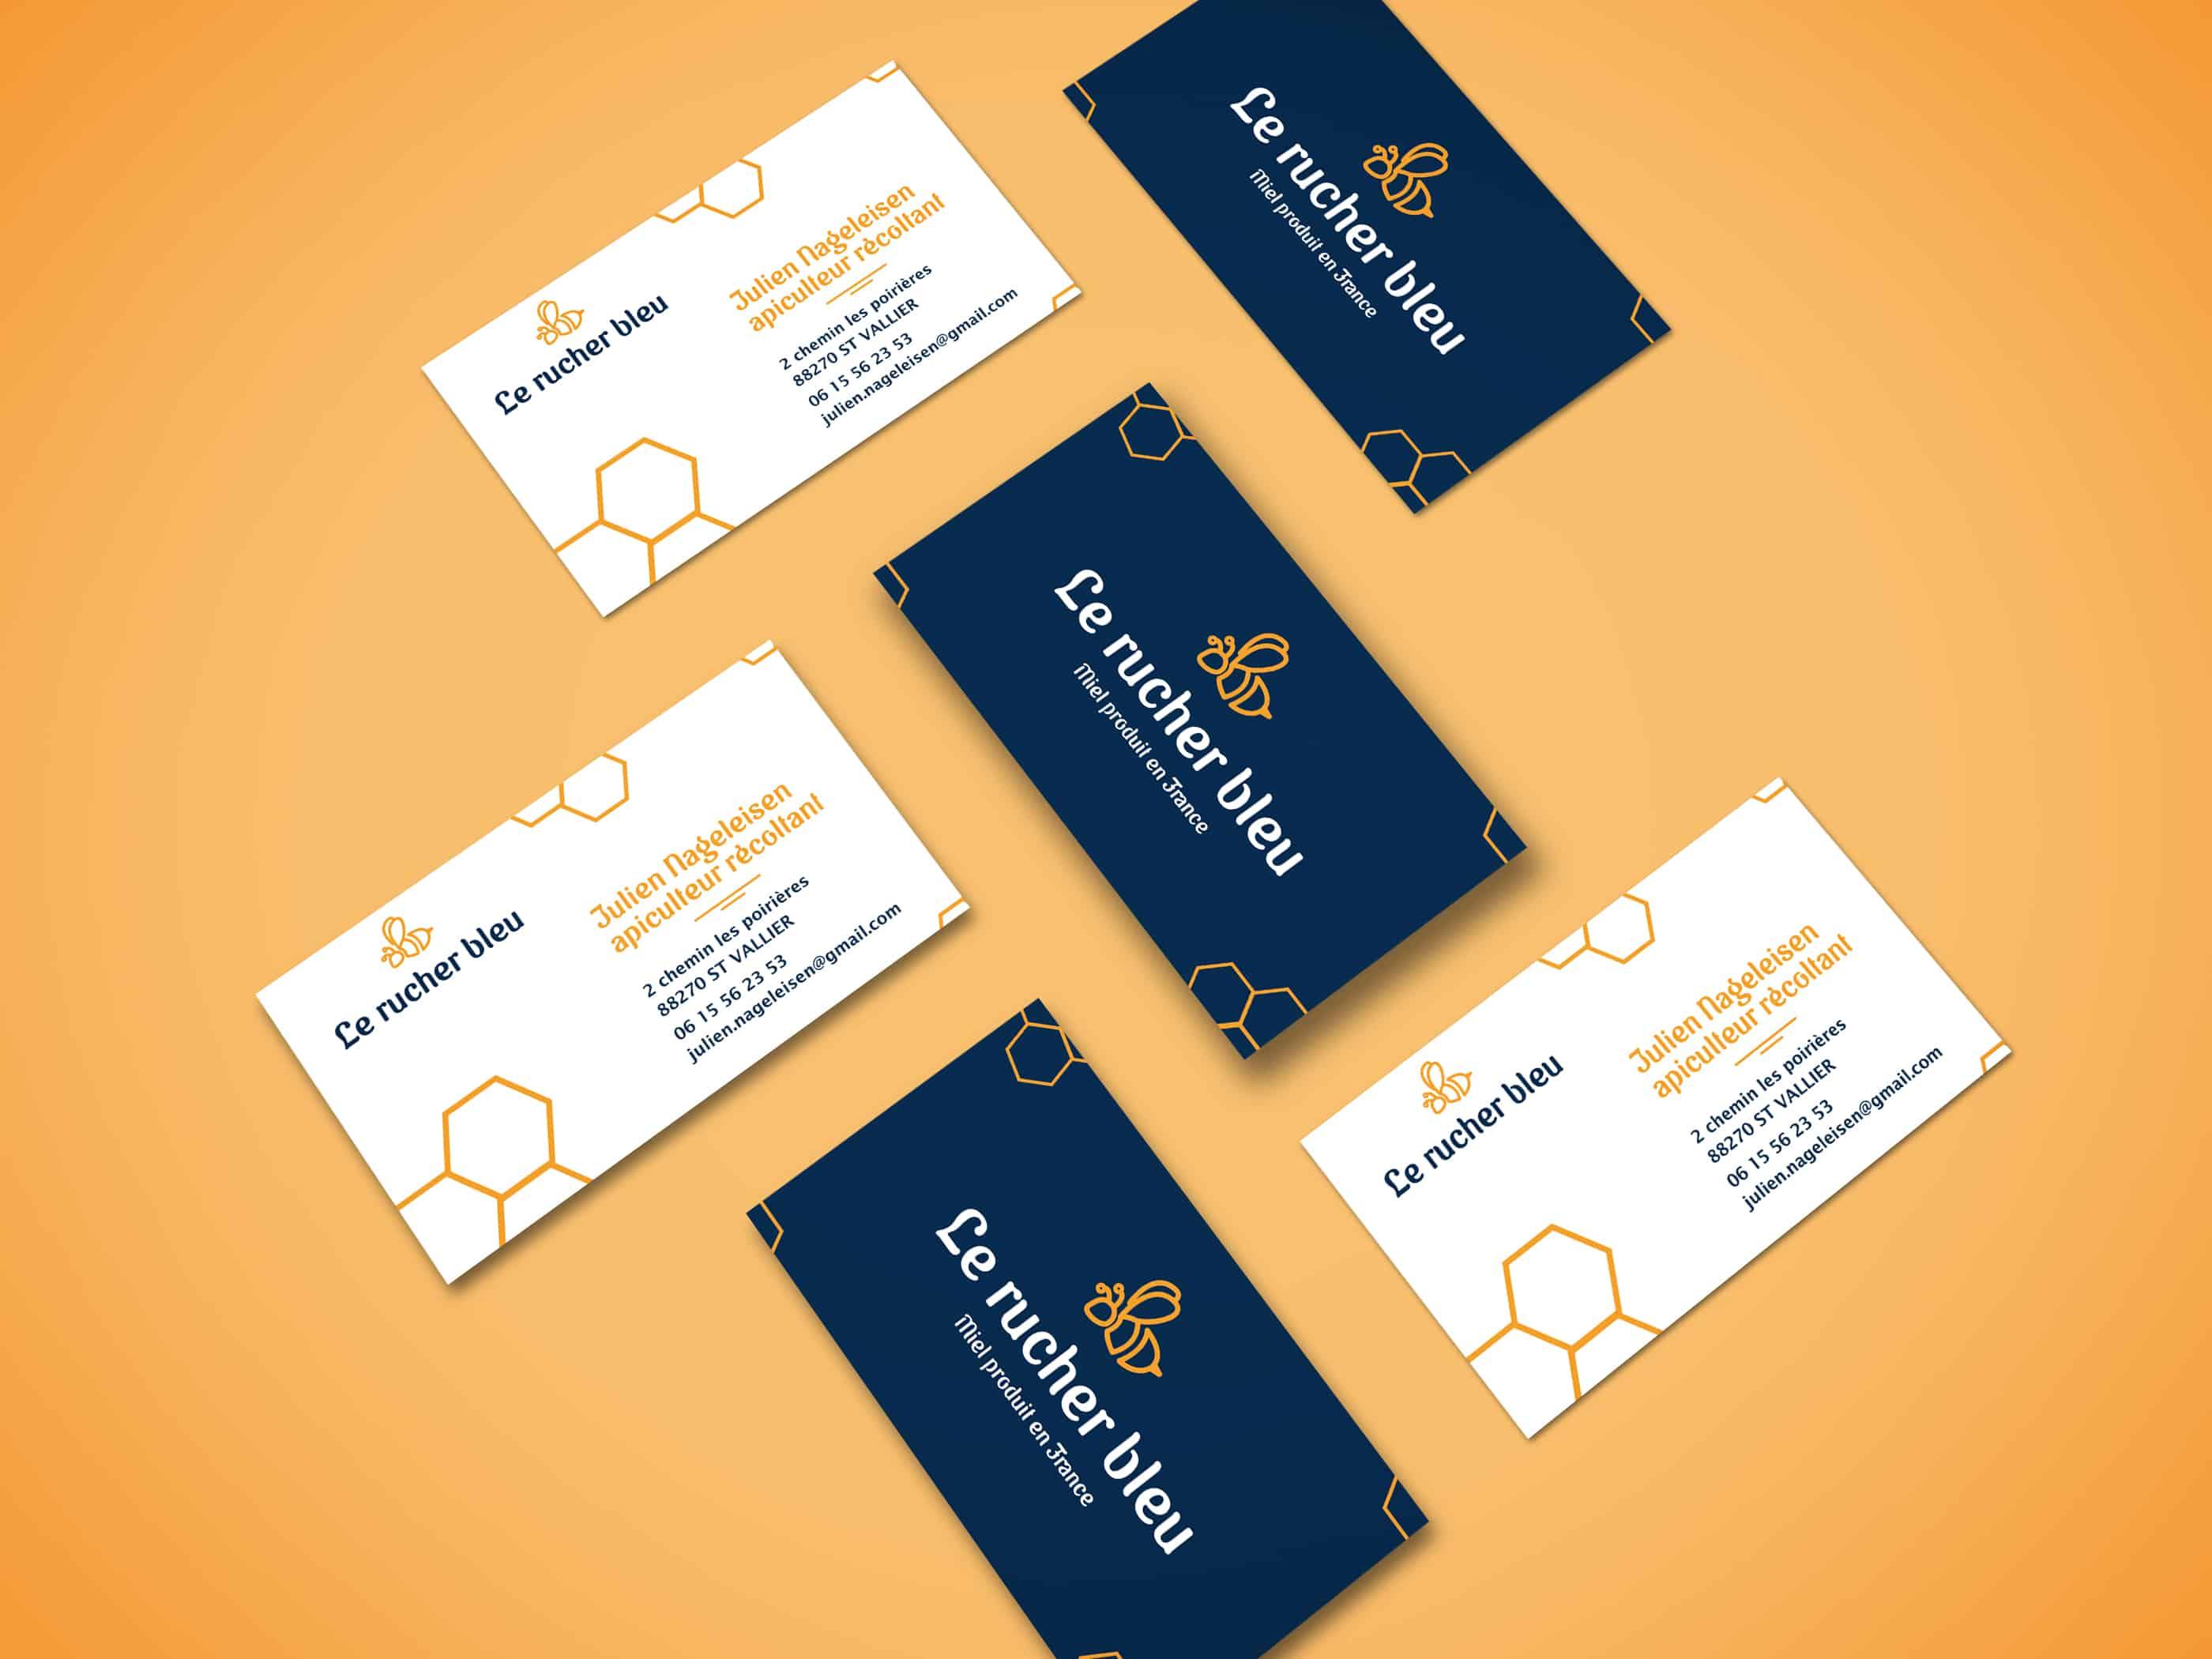 carte-de-visite-recto-verso-identite-visuelle-pour-le-rucher-bleu-apiculteur